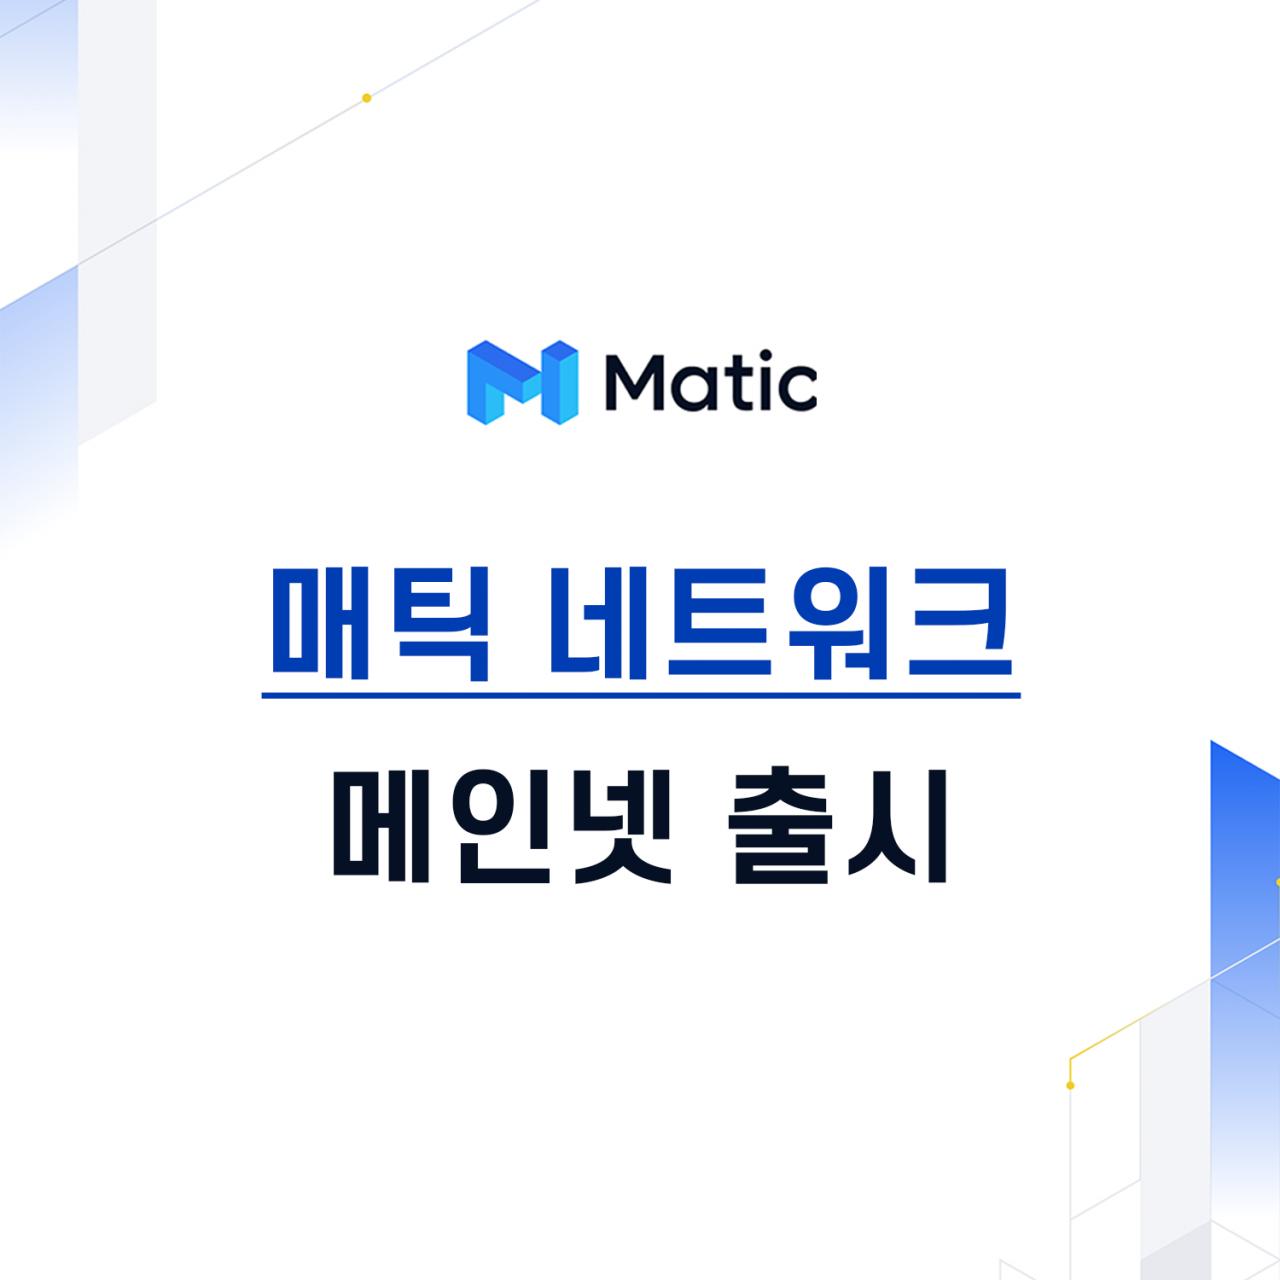 블록체인 확장성 솔루션 매틱네트워크, 메인넷 출시했다